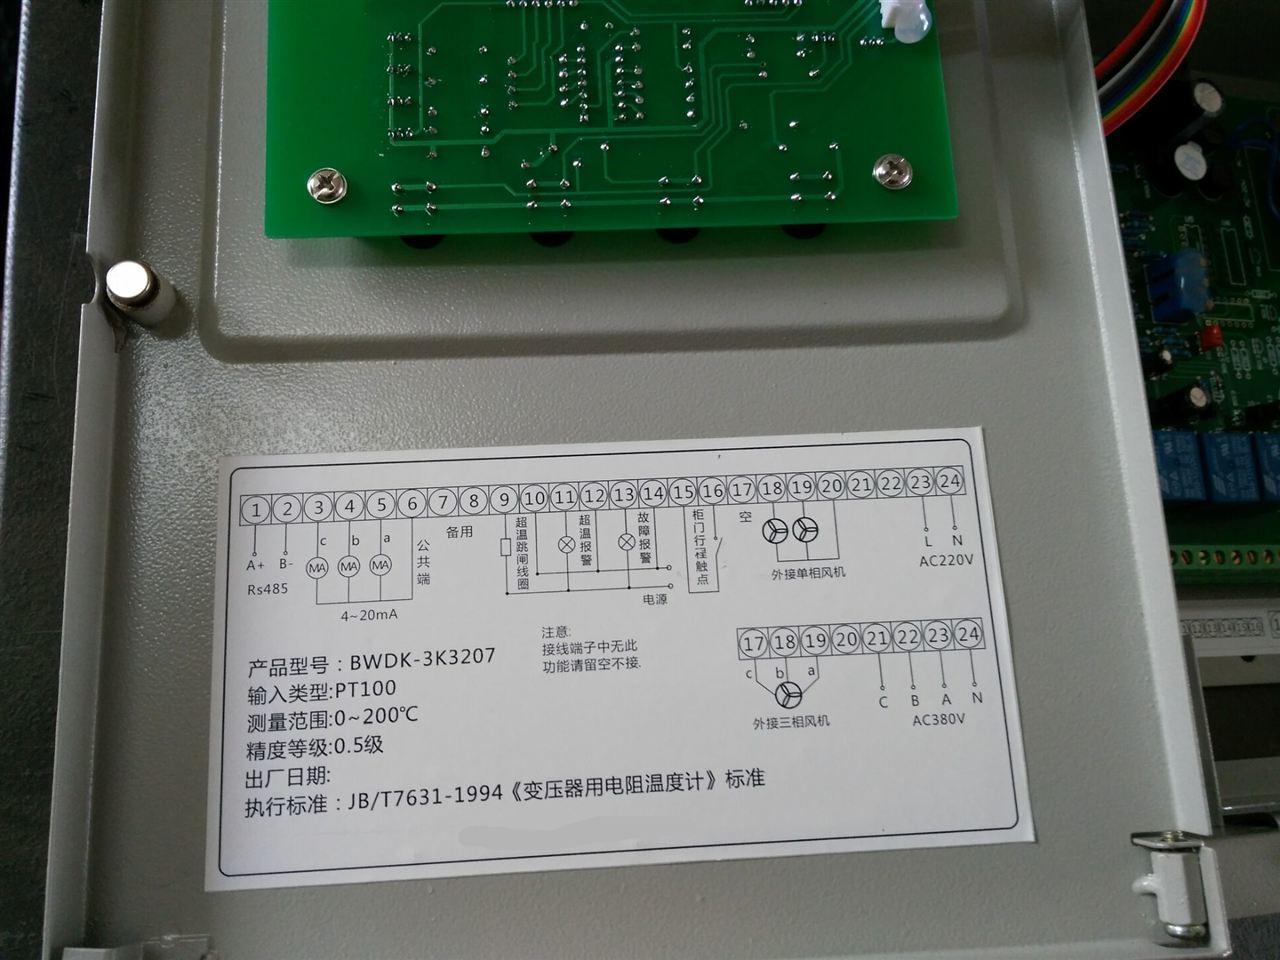 超温报警,超温跳闸,双路风机输出 变压器温度控制器,干变智能温度控制